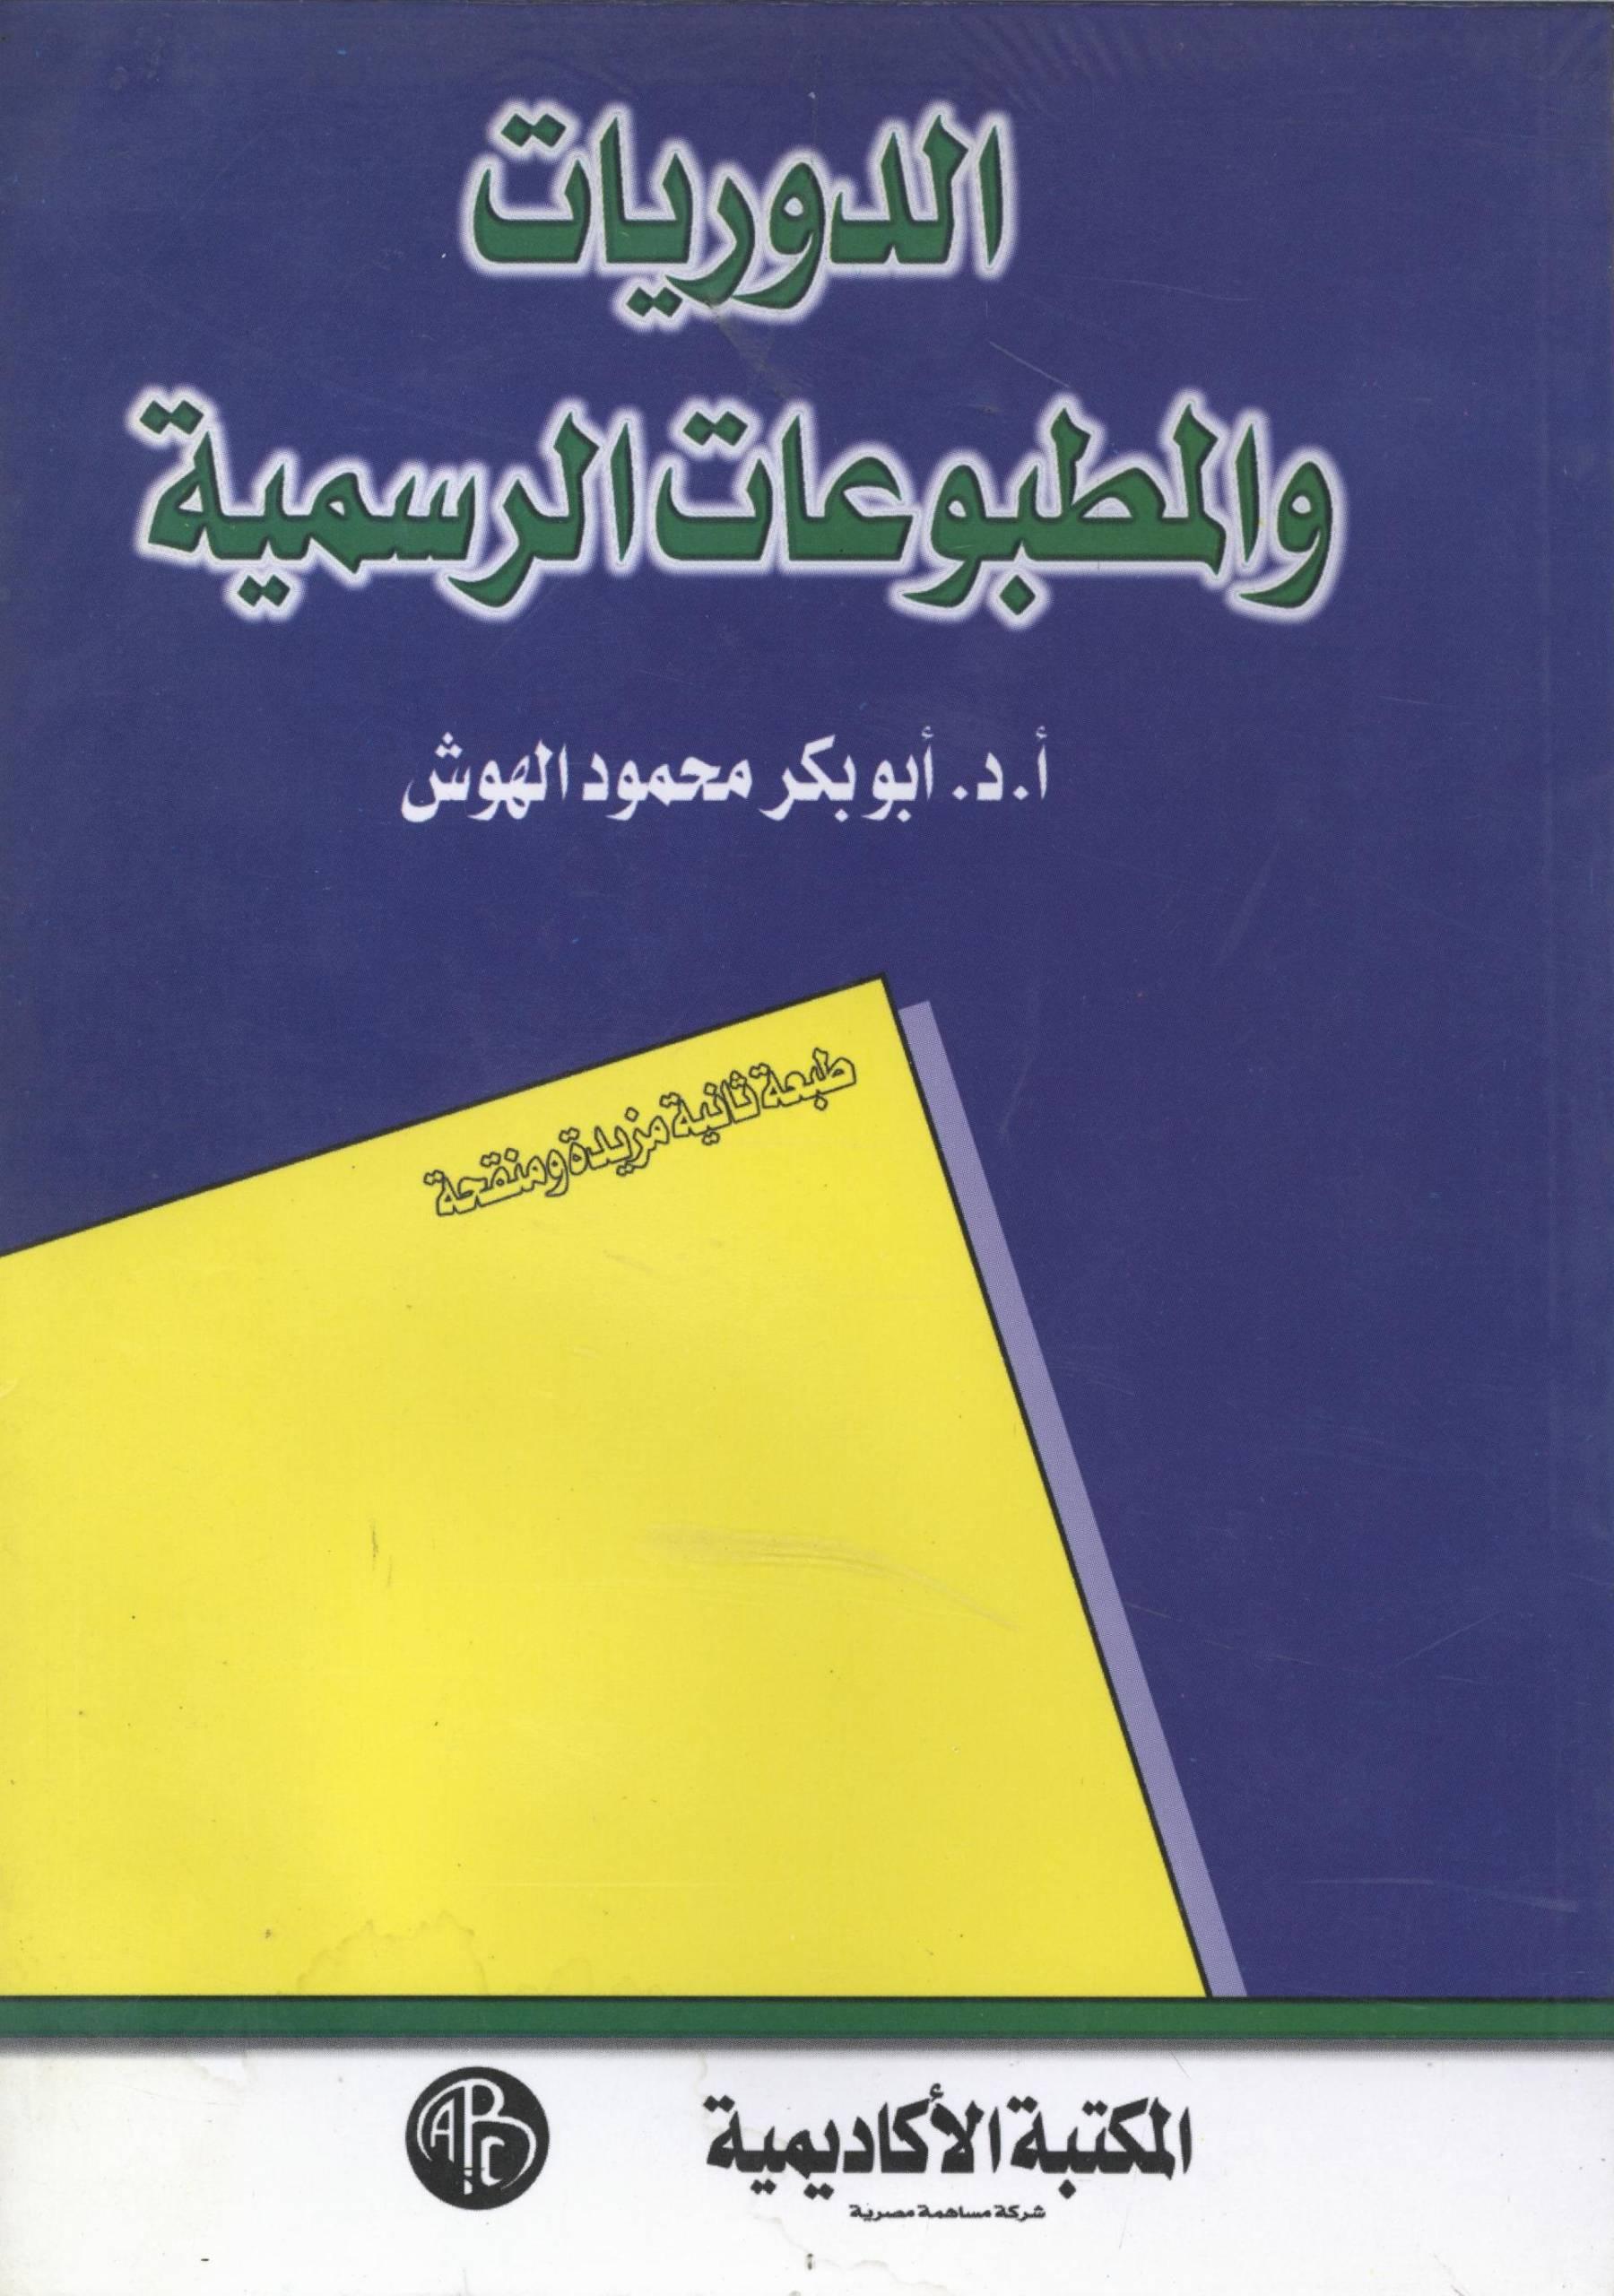 الدوريات و المطبوعات الرسمية